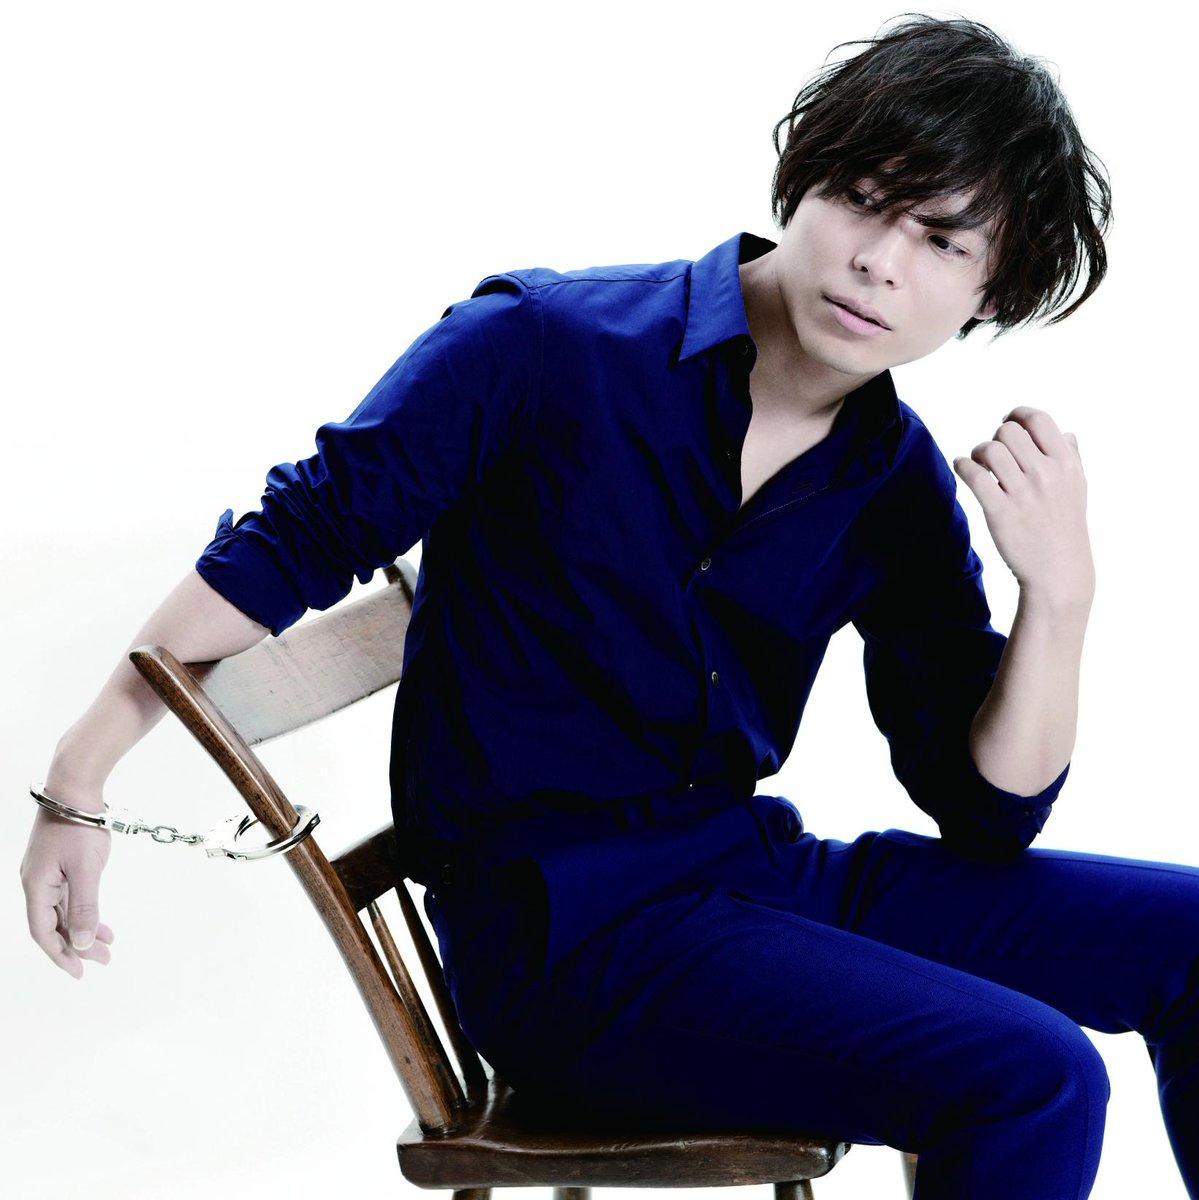 今回の出演で中田のことを知られた方には、番組内で歌唱させていただいた「セカンド・ラブ」「サザン・ウィンド」ではございませんが、同じ中森明菜さんの「スローモーション」収録のカヴァーAL『SONG COMPOSITE』を聴いてみて下さい! http://t.co/7MH1HL7vVh